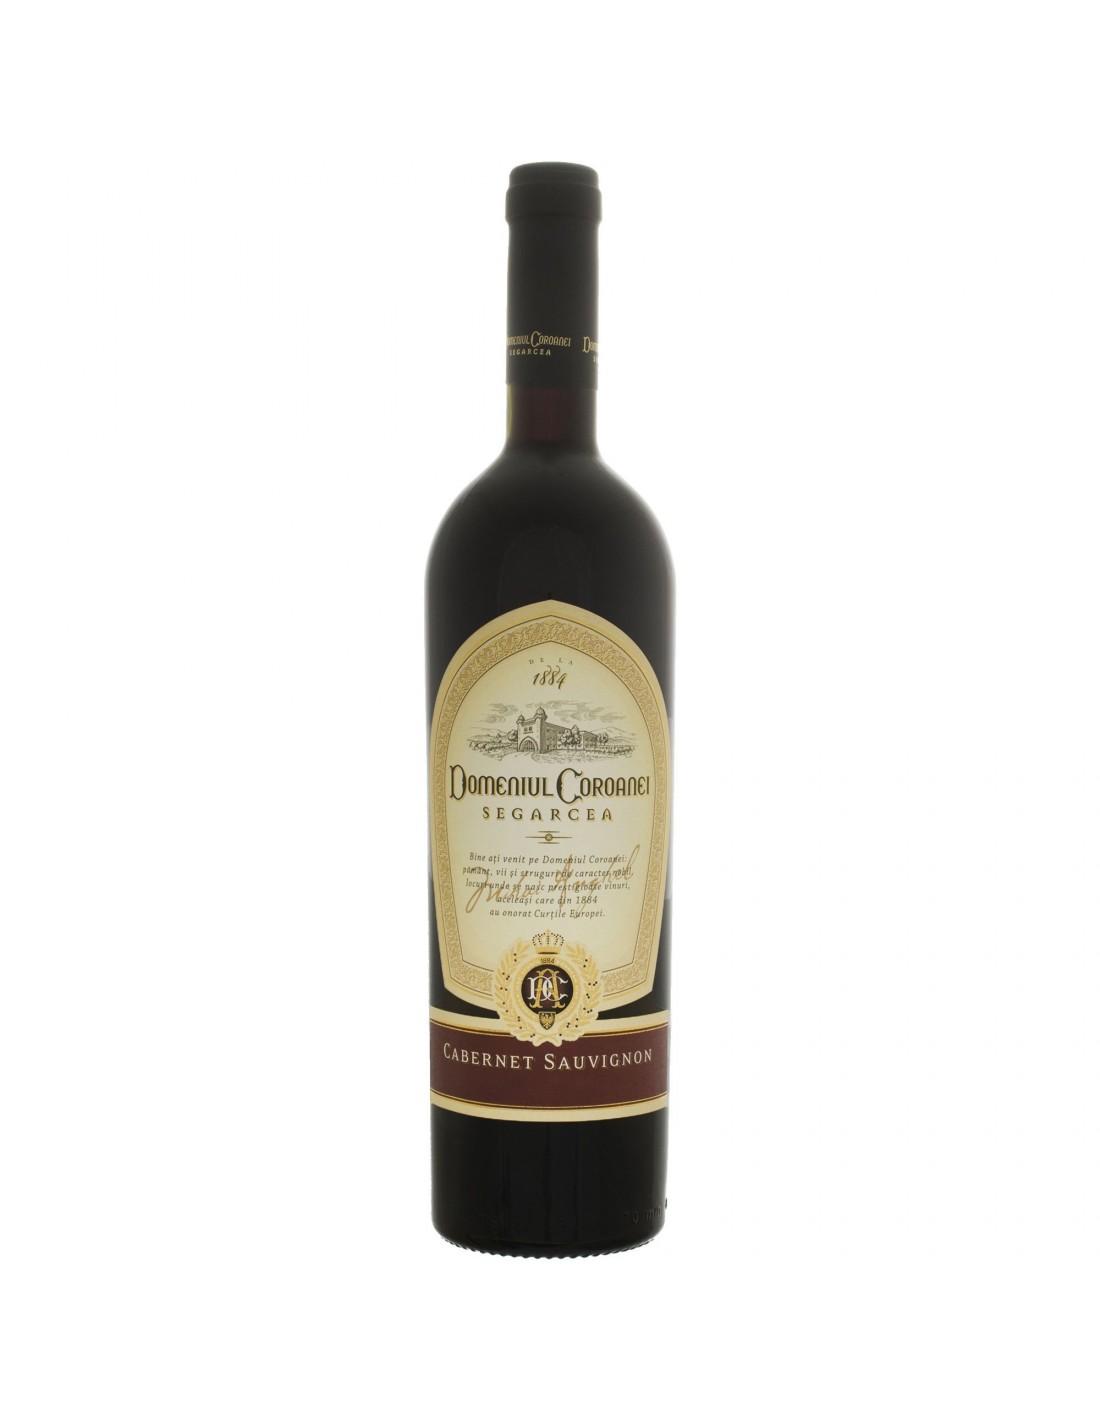 Vin rosu sec, Cabernet sauvignon, Domeniul Coroanei Segarcea, 0.75L, 13.5% alc., Romania